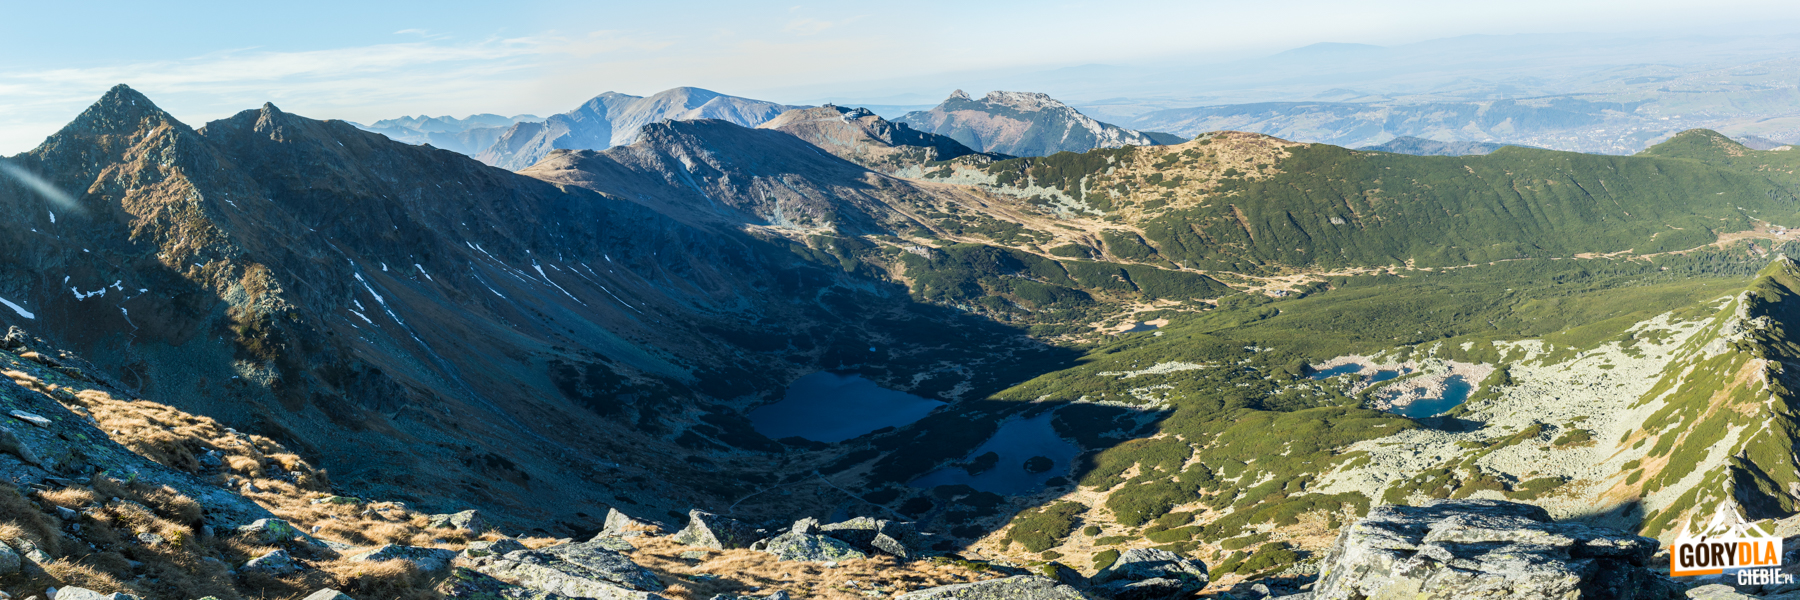 Widok na Kasprowy Wierch i Giewont ze szczytu Kościelca (2155 m)